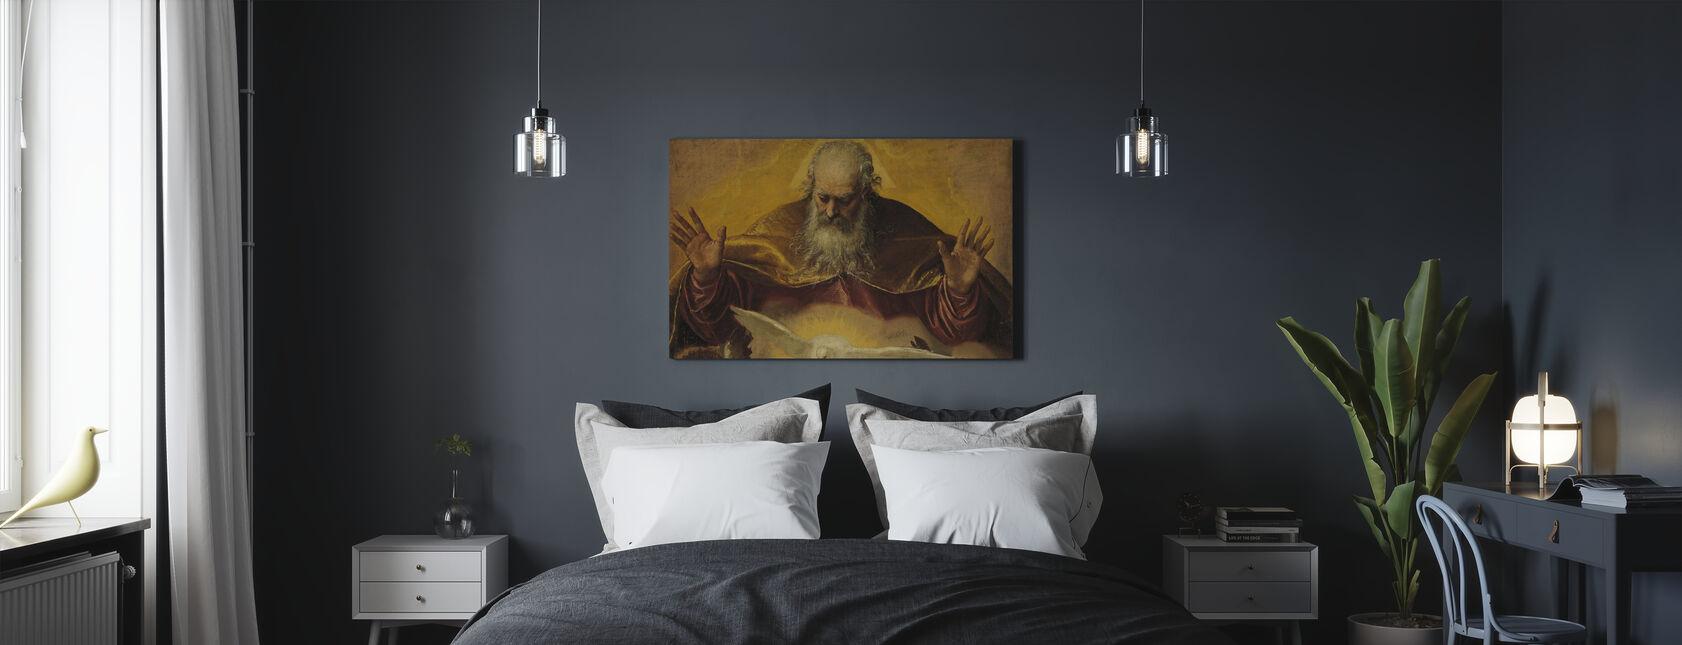 Ikuinen Isä - Paolo Veronese - Canvastaulu - Makuuhuone